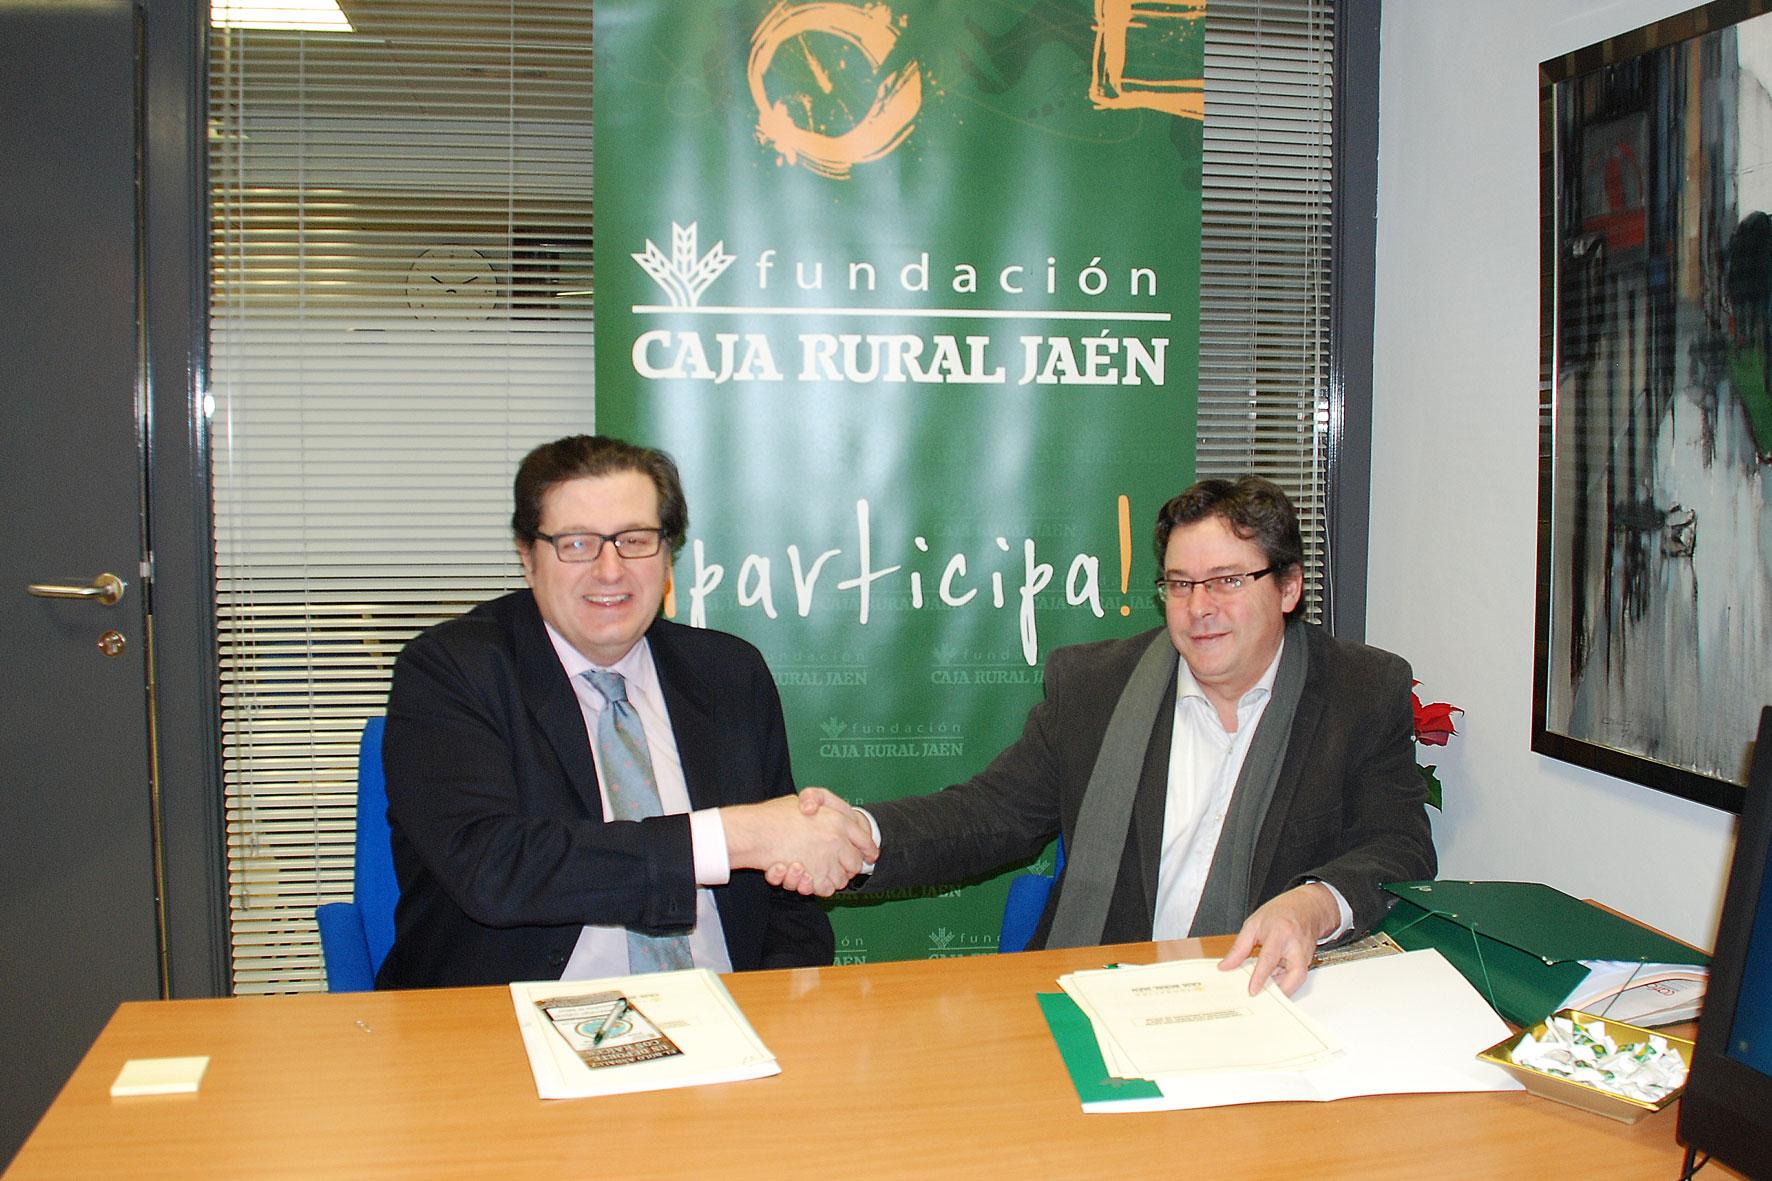 Bolo andaluz se firma el convenio con caja rural de ja n for Caja rural jaen oficinas